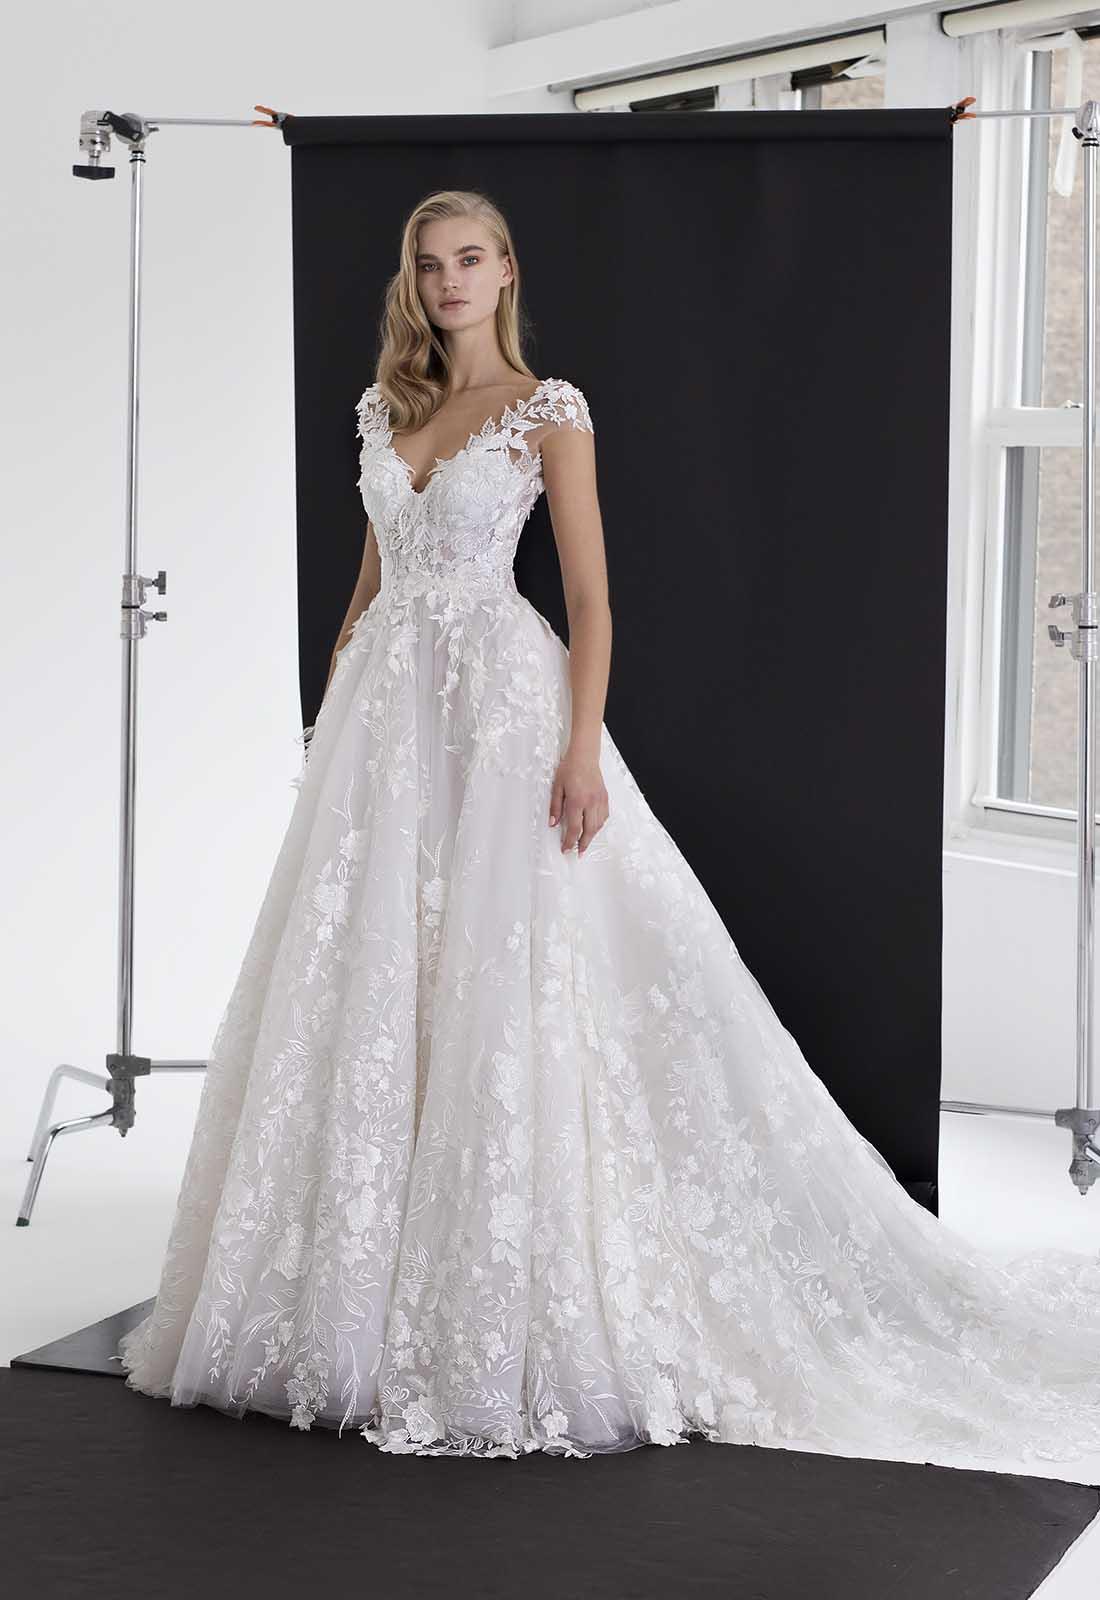 pnina tomei wedding dresses off 20   medpharmres.com